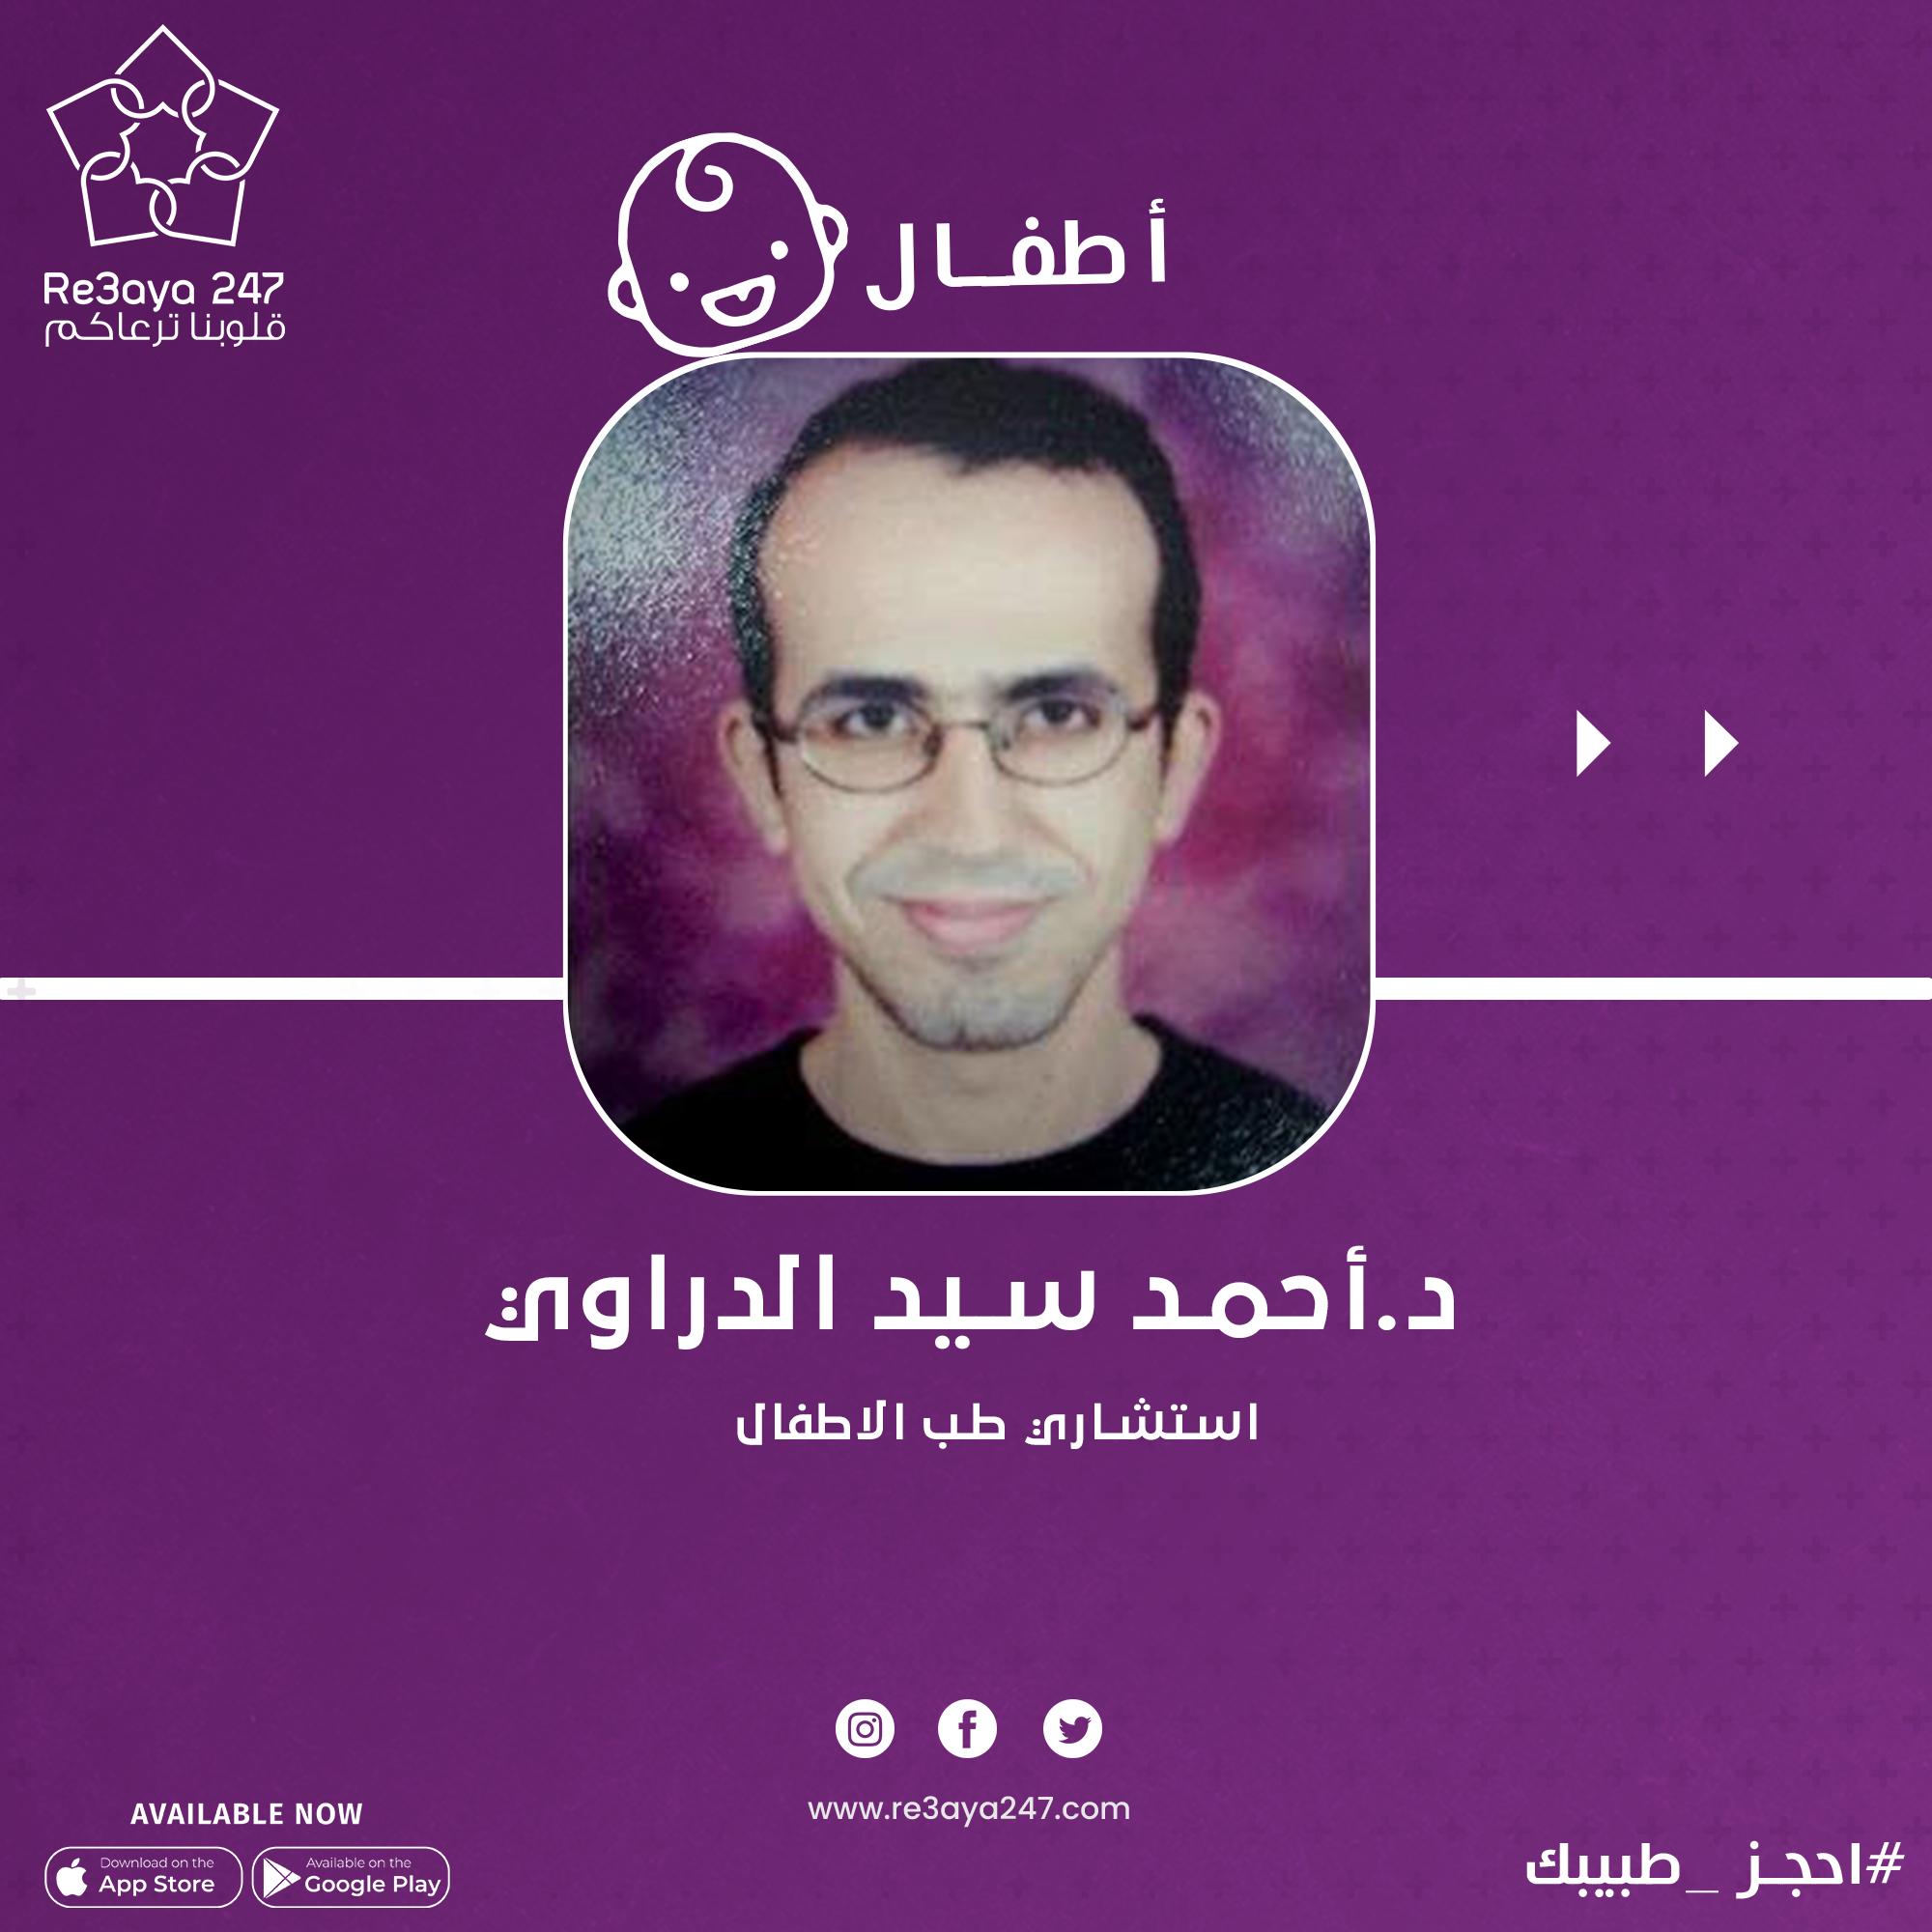 احجز مع د/احمد سيد الدراوى